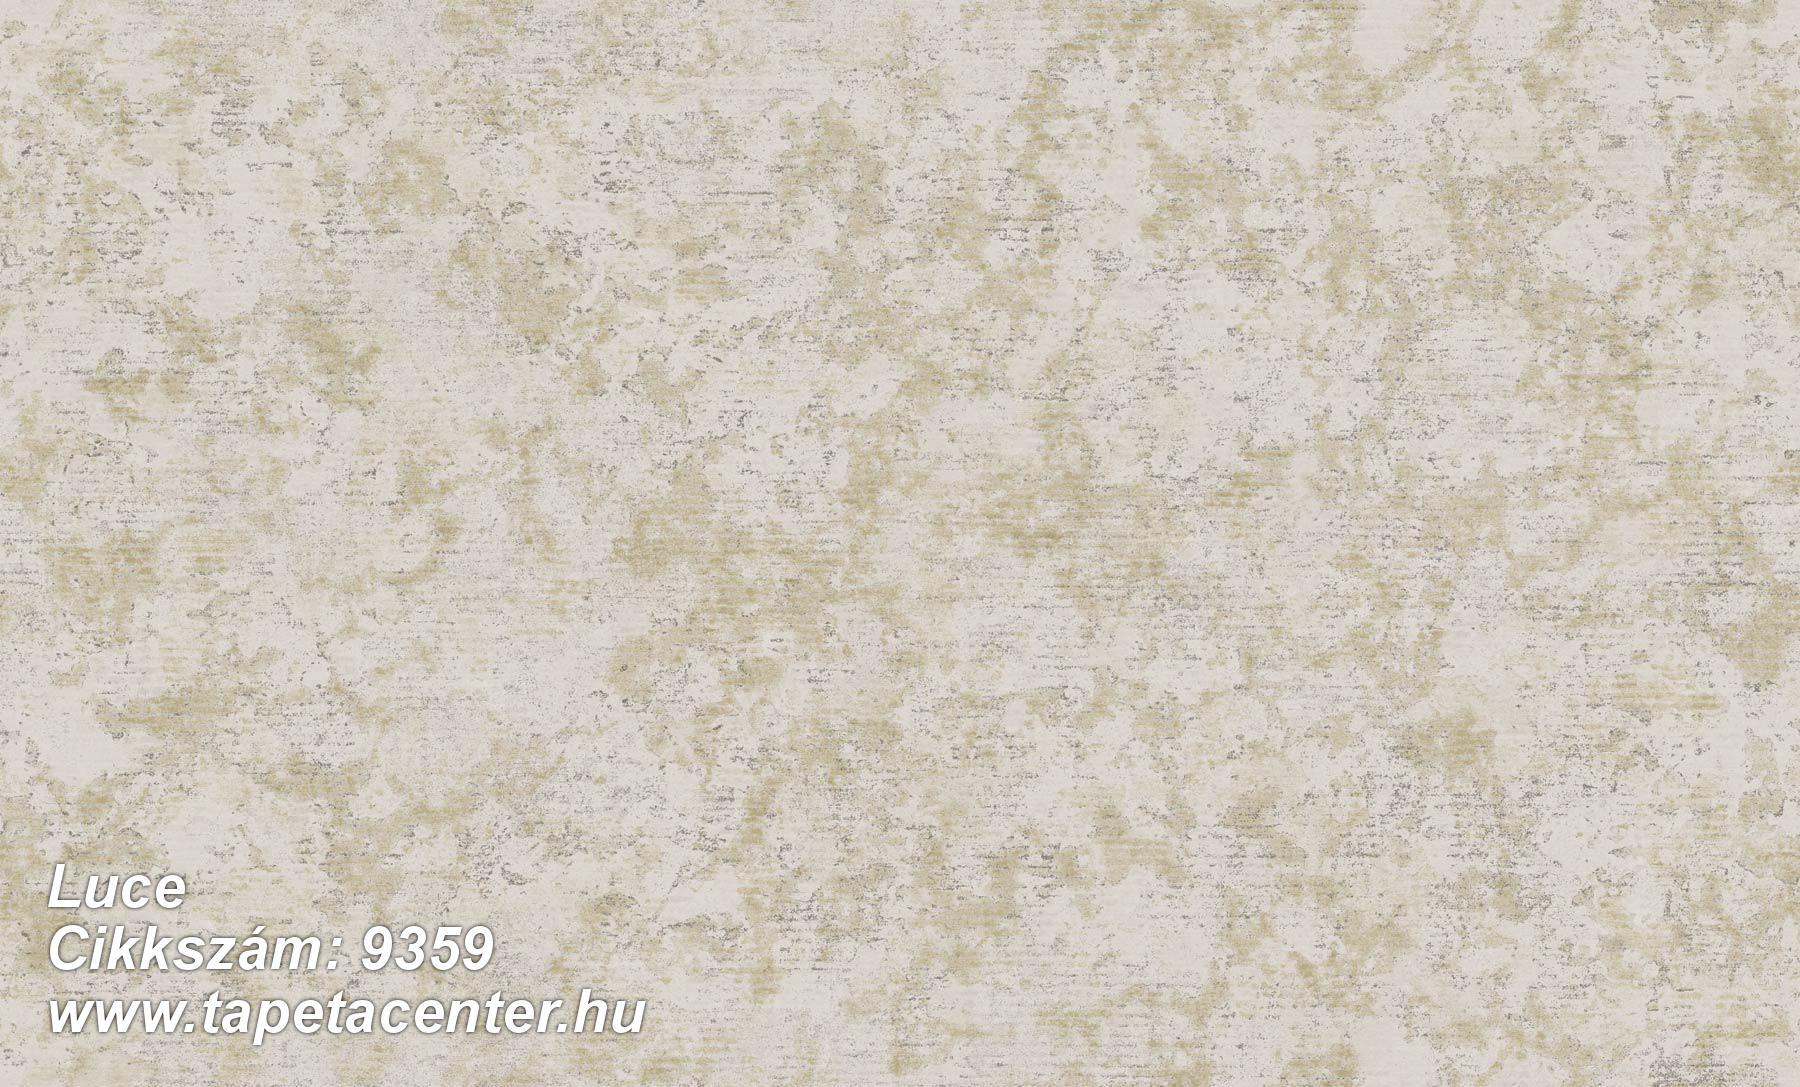 Egyszínű,textil hatású,arany,barna,szürke,zöld,súrolható,vlies tapéta